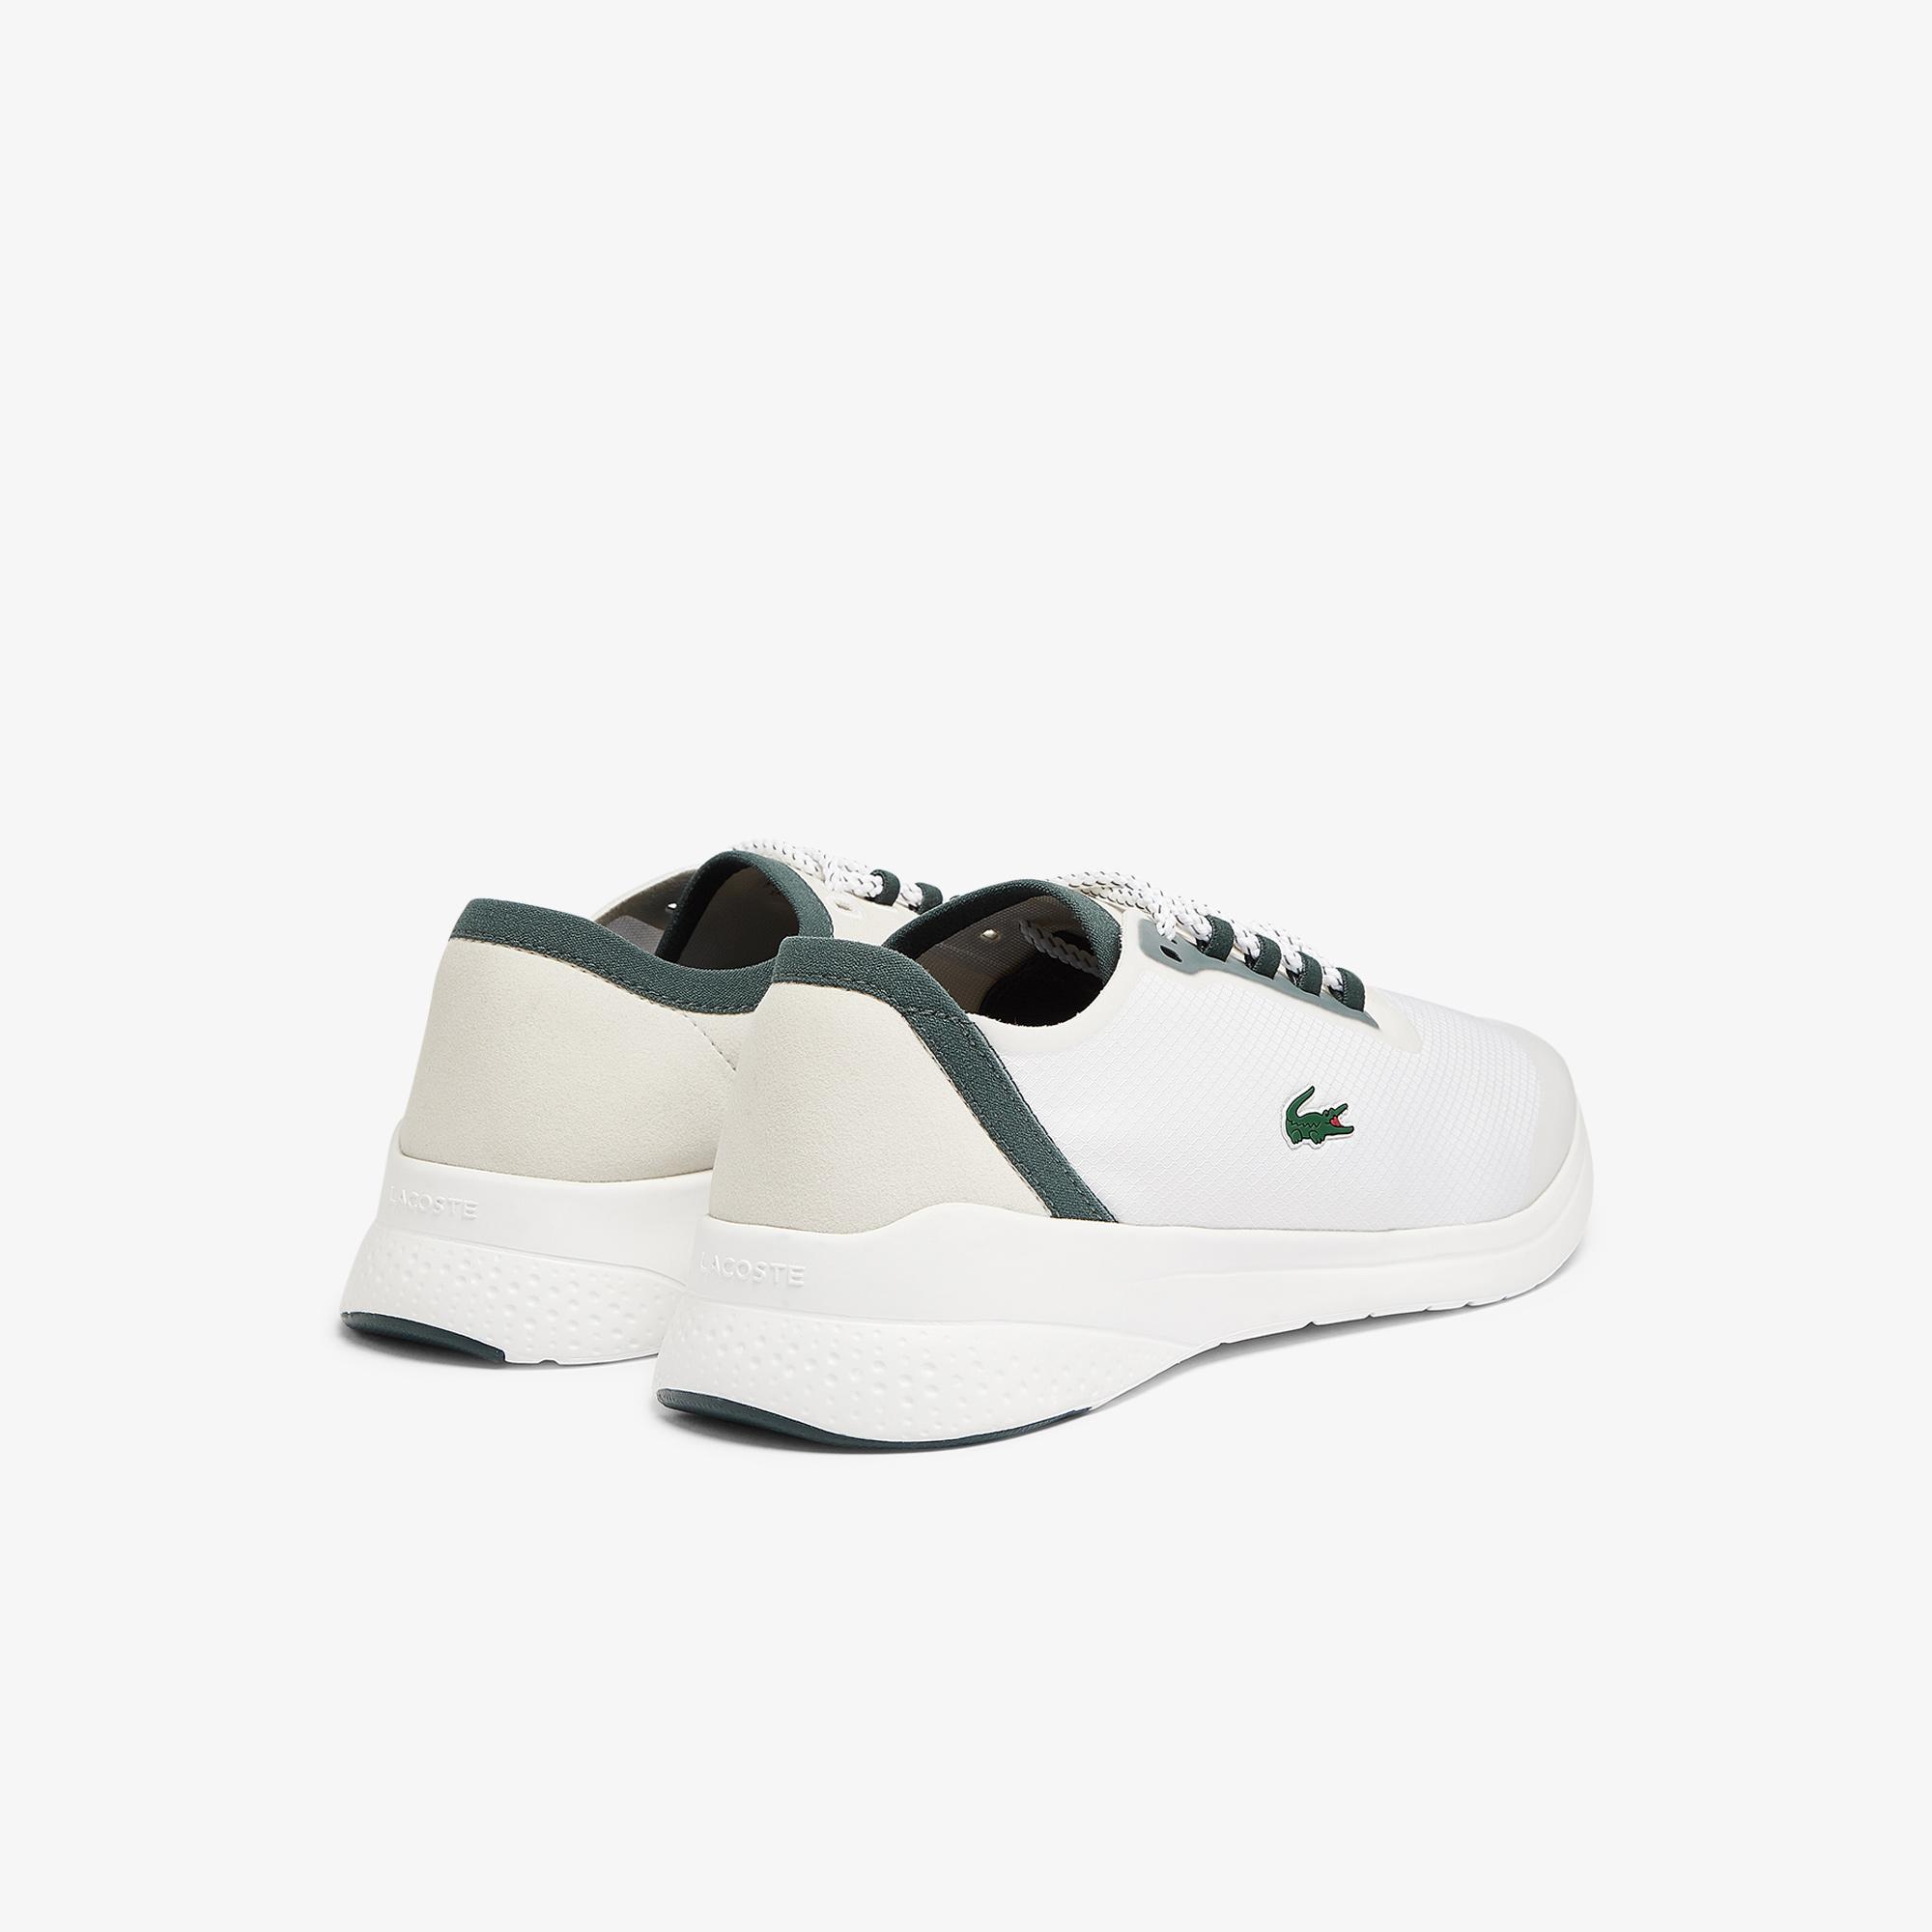 Lacoste Lt Fit 0721 1 Sma Erkek Beyaz - Koyu Yeşil Sneaker